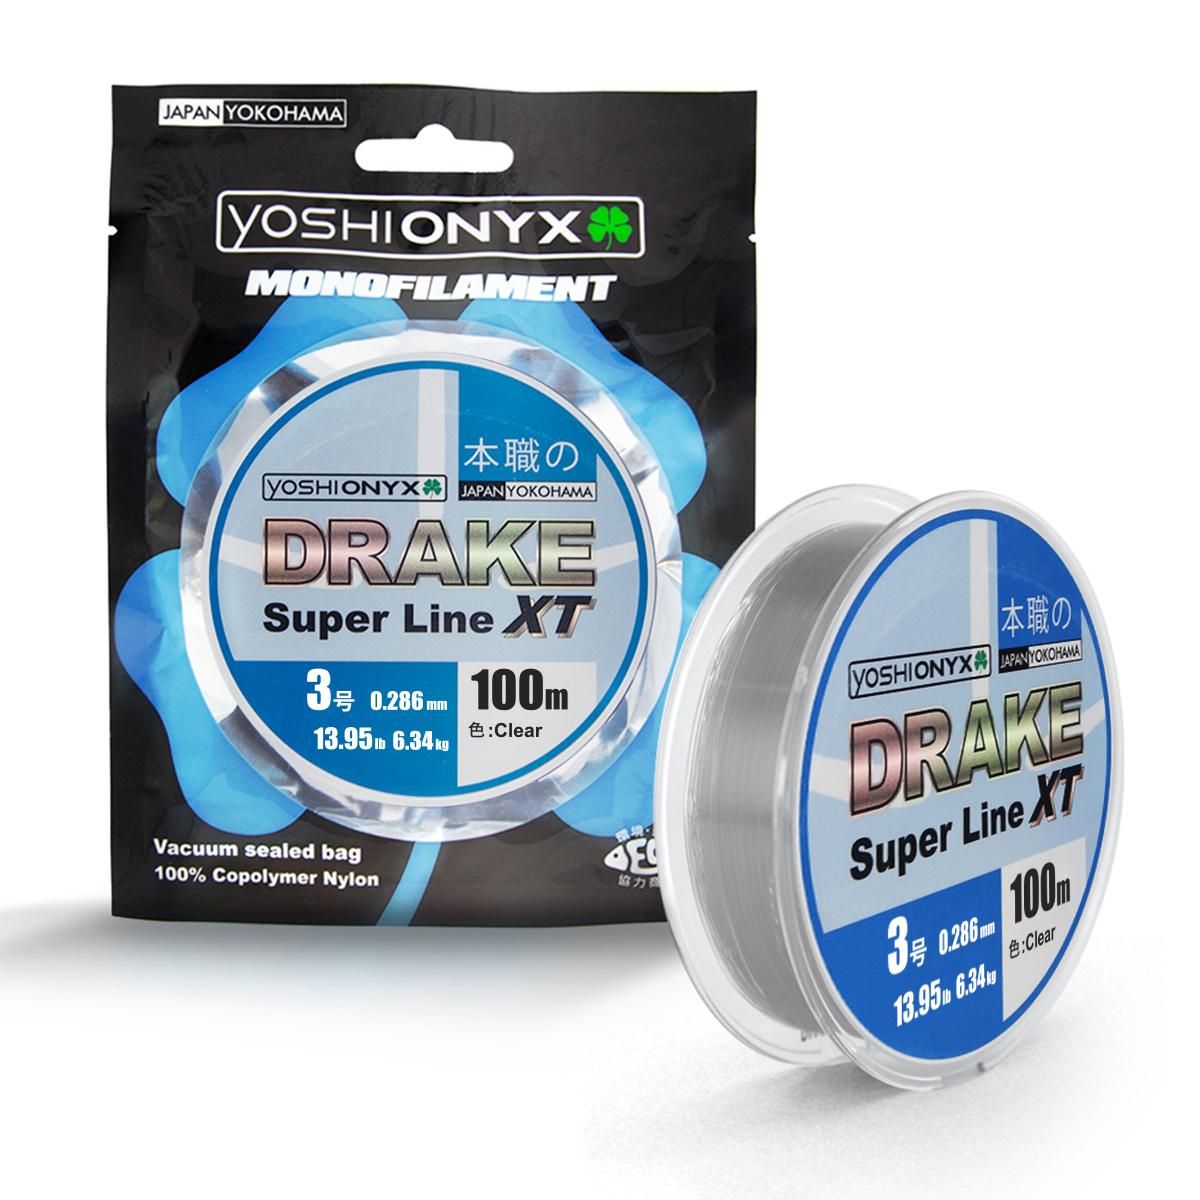 Леска Yoshi Onyx Drake Superline XT, цвет: прозрачный, 100 м, 0,286 мм, 6,34 кг harman kardon onyx studio 2 black